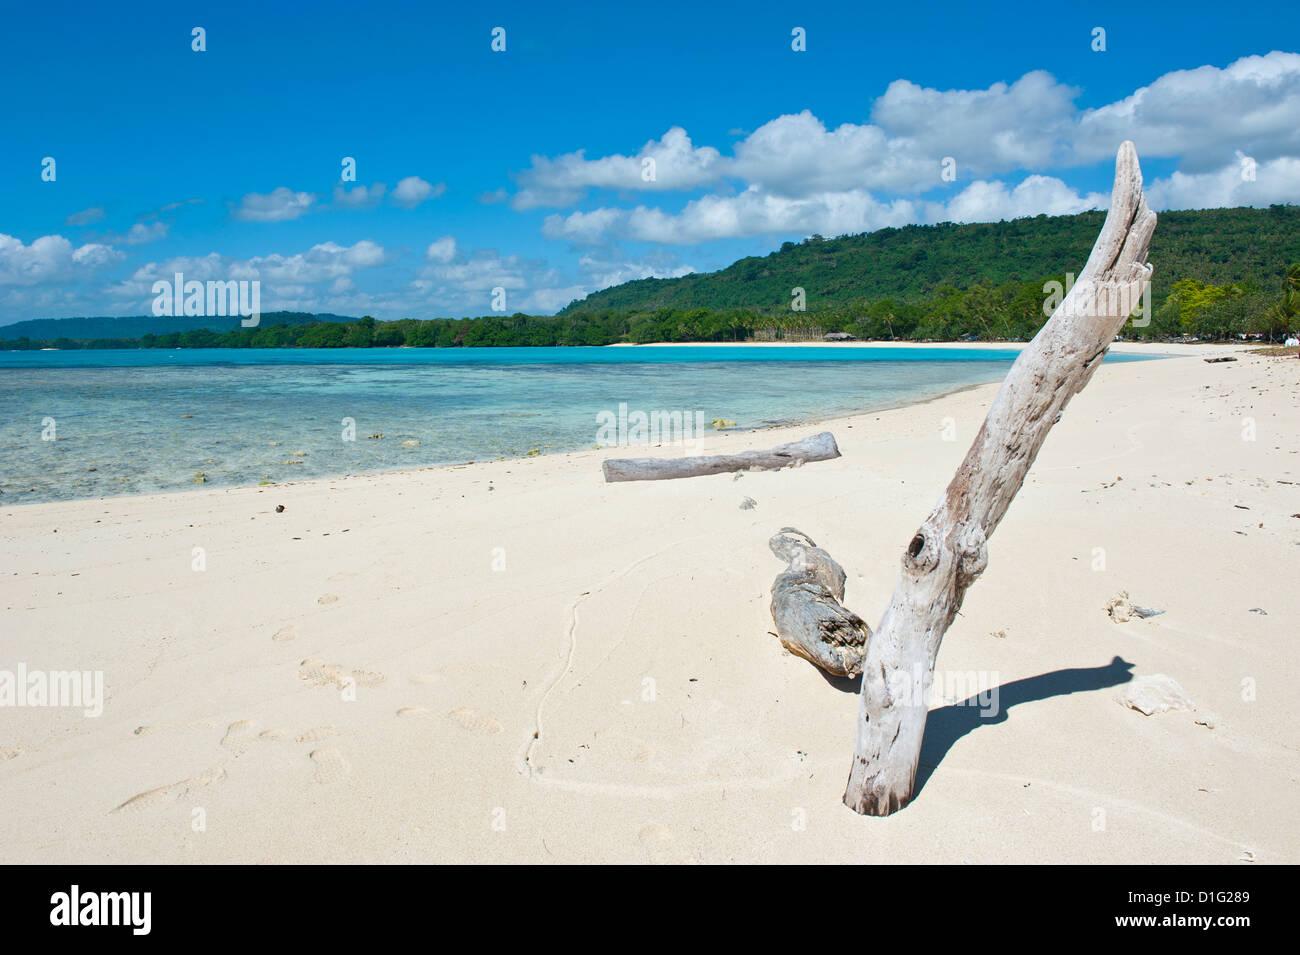 Treibholz auf den weißen Sand Strand von Port Orly, Insel Espiritu Santo, Vanuatu, South Pacific, Pazifik Stockbild